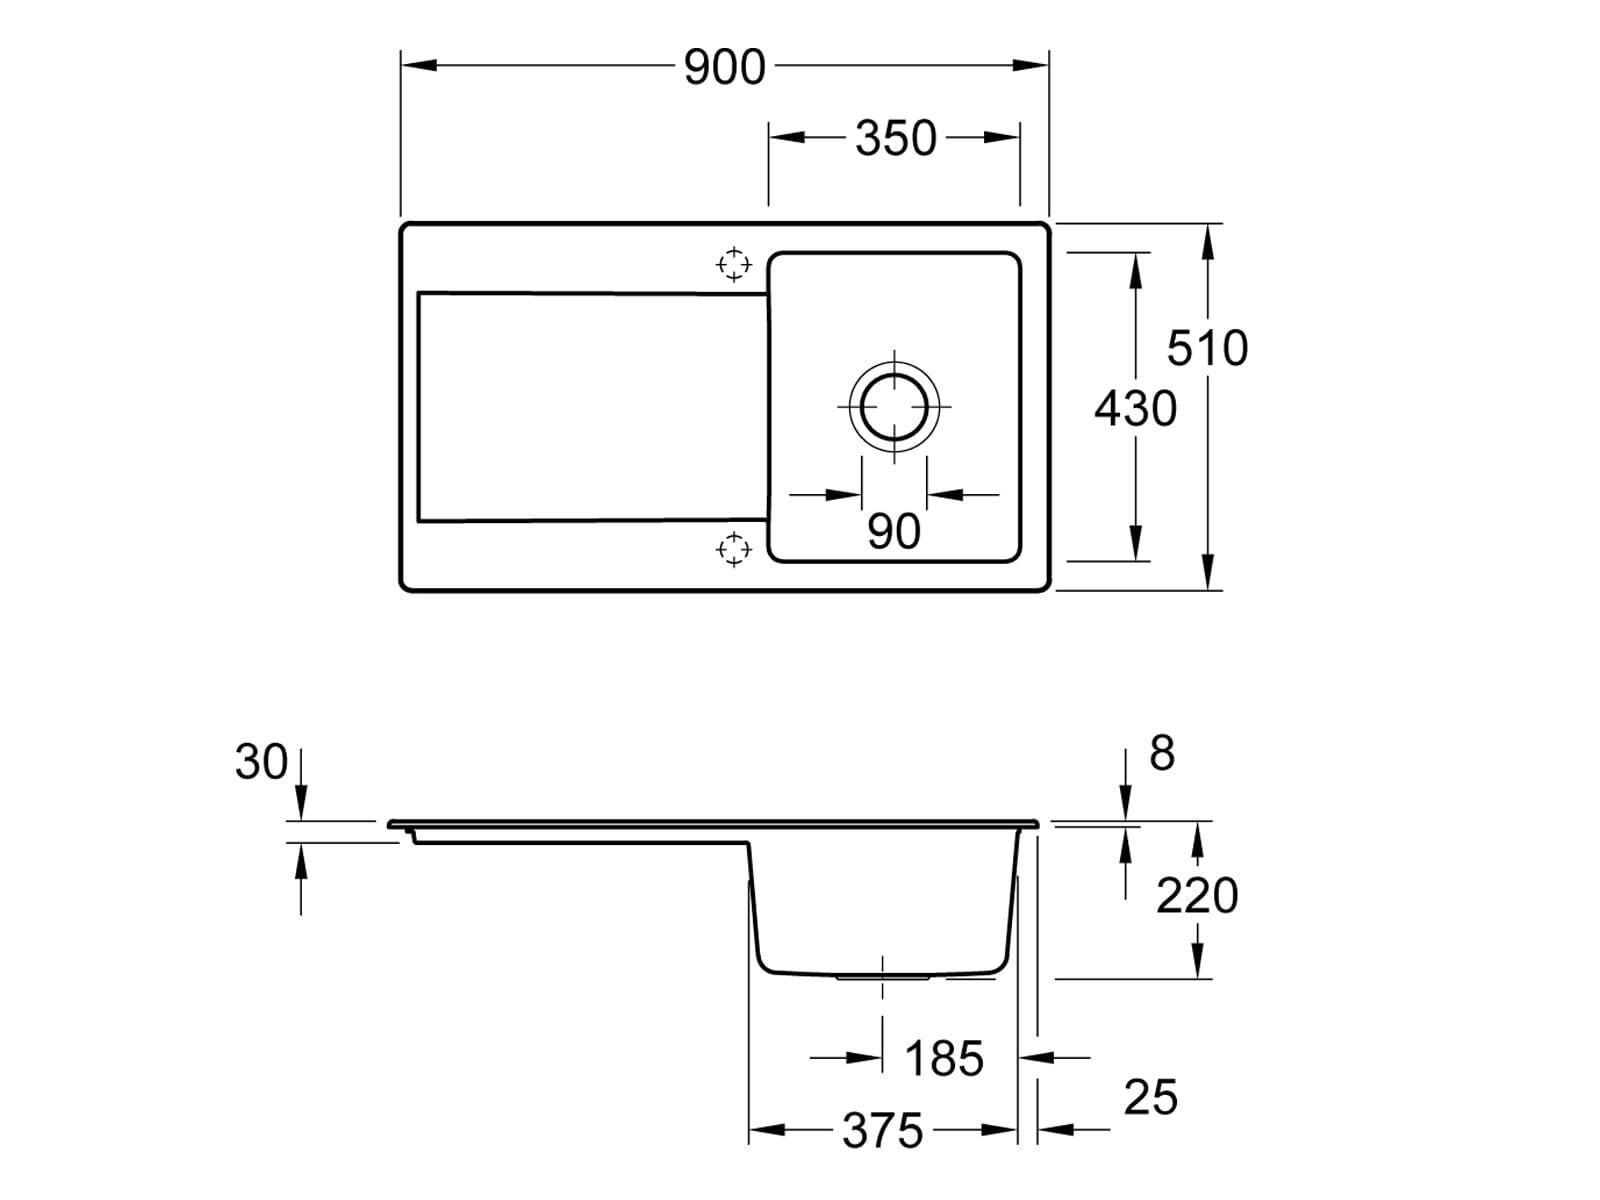 Villeroy & Boch Siluet 50 - 3335 01 SM Steam Keramikspüle Handbetätigung